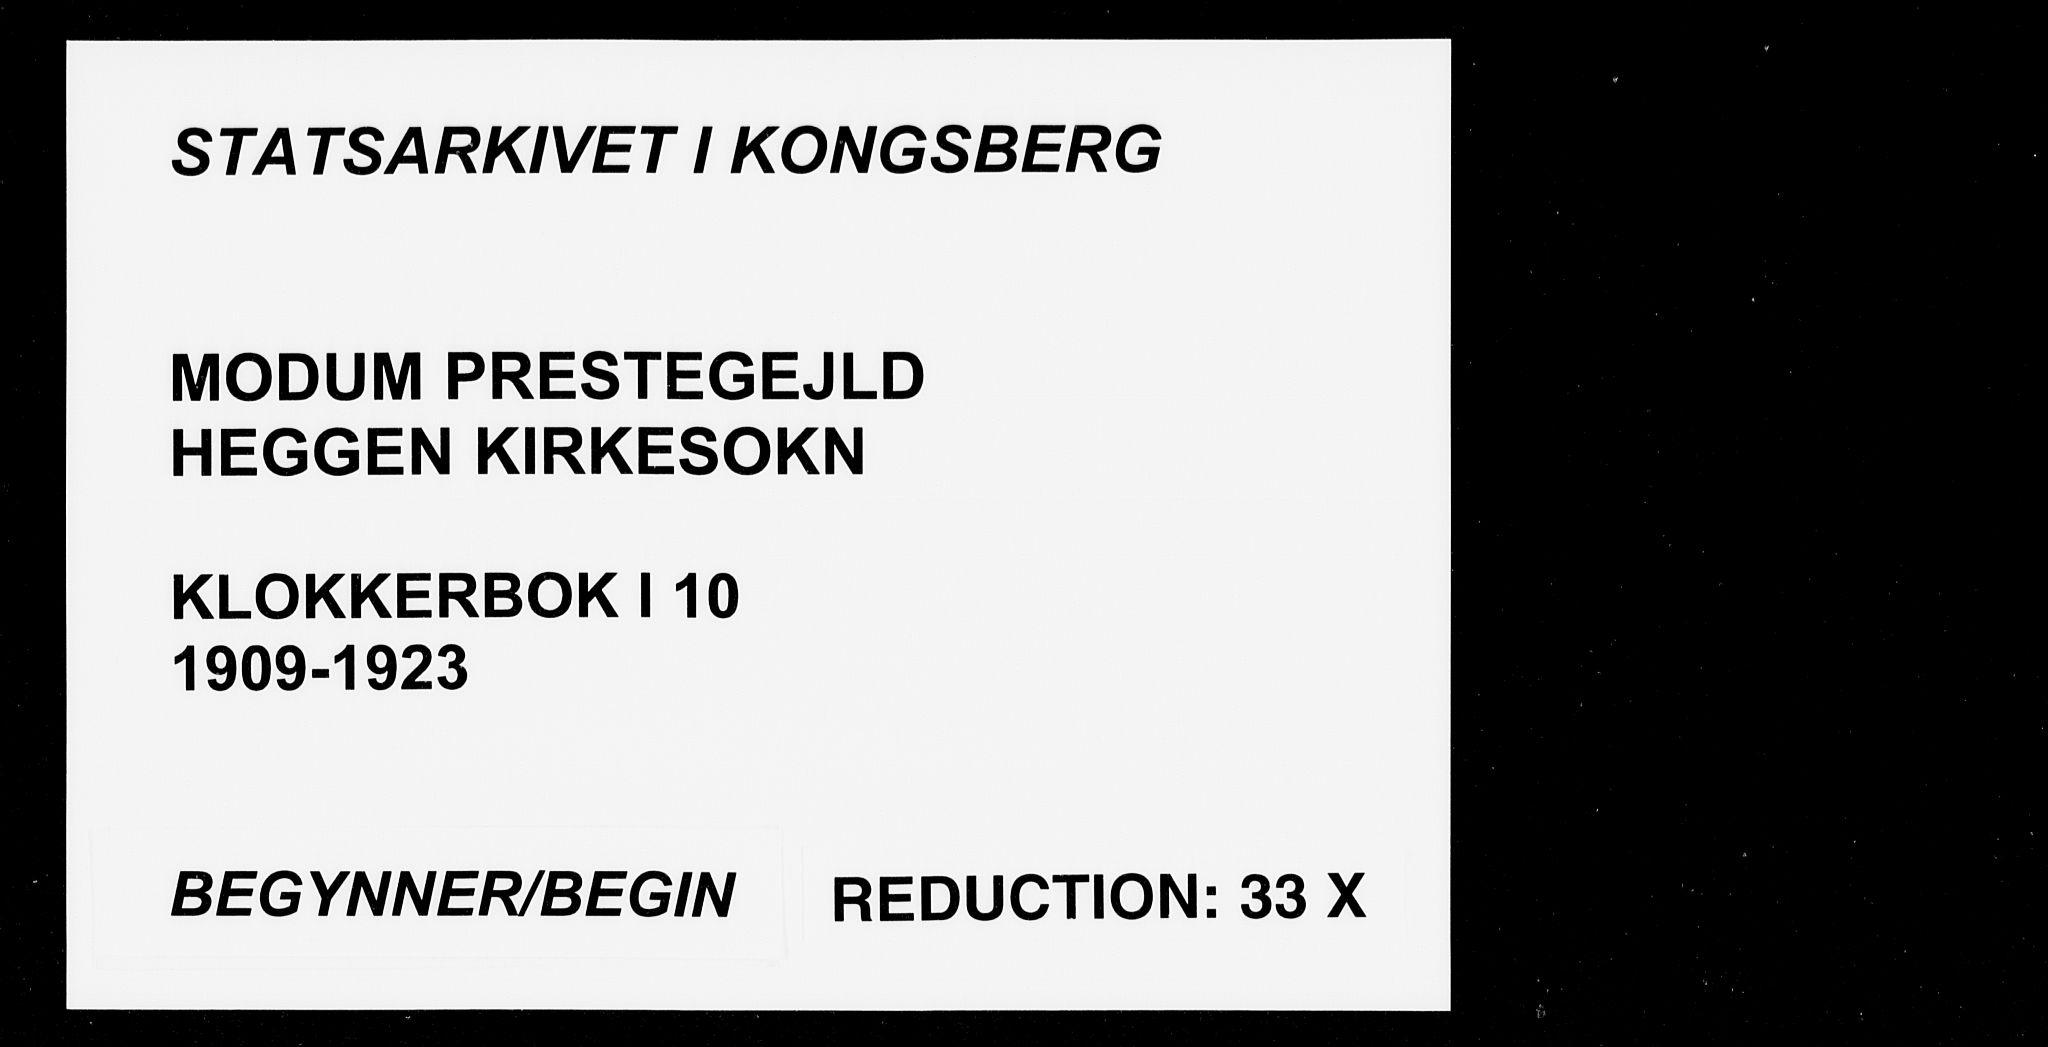 SAKO, Modum kirkebøker, G/Ga/L0010: Klokkerbok nr. I 10, 1909-1923